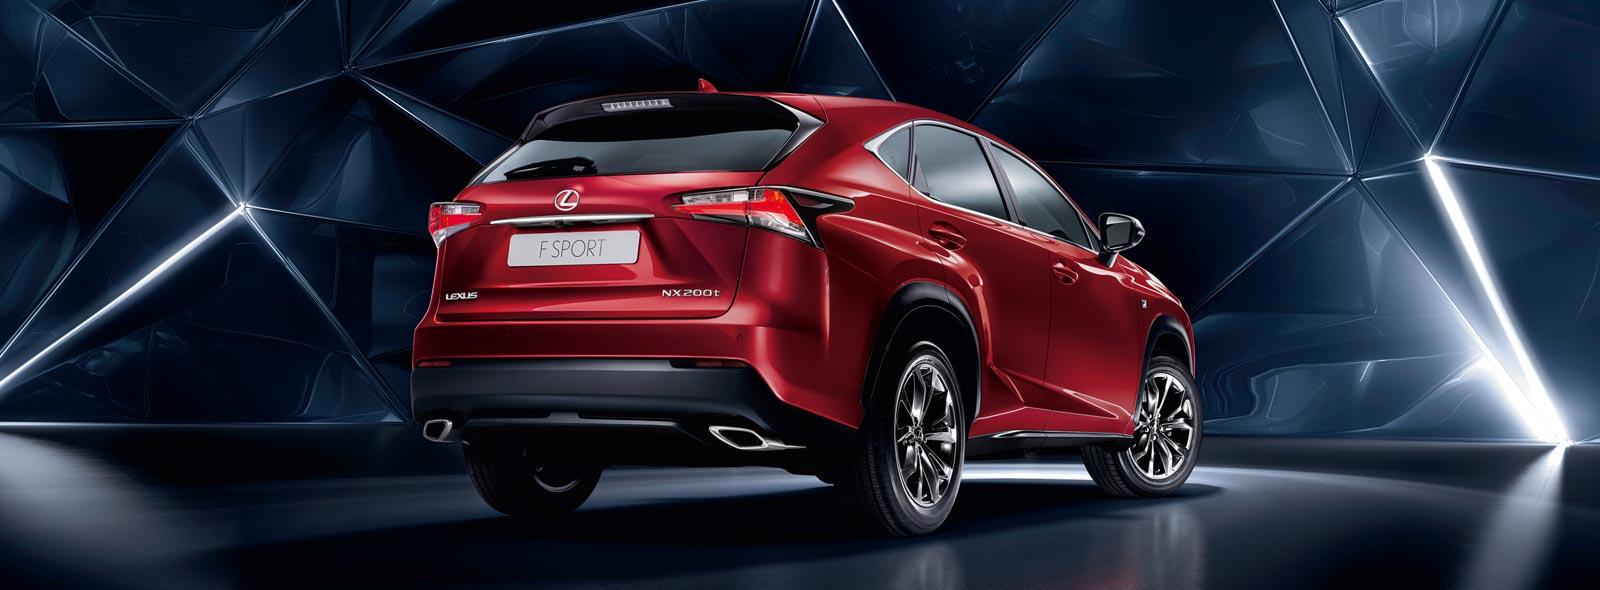 Կարմիր Lexus NX 200t ի տեսքը հետևից